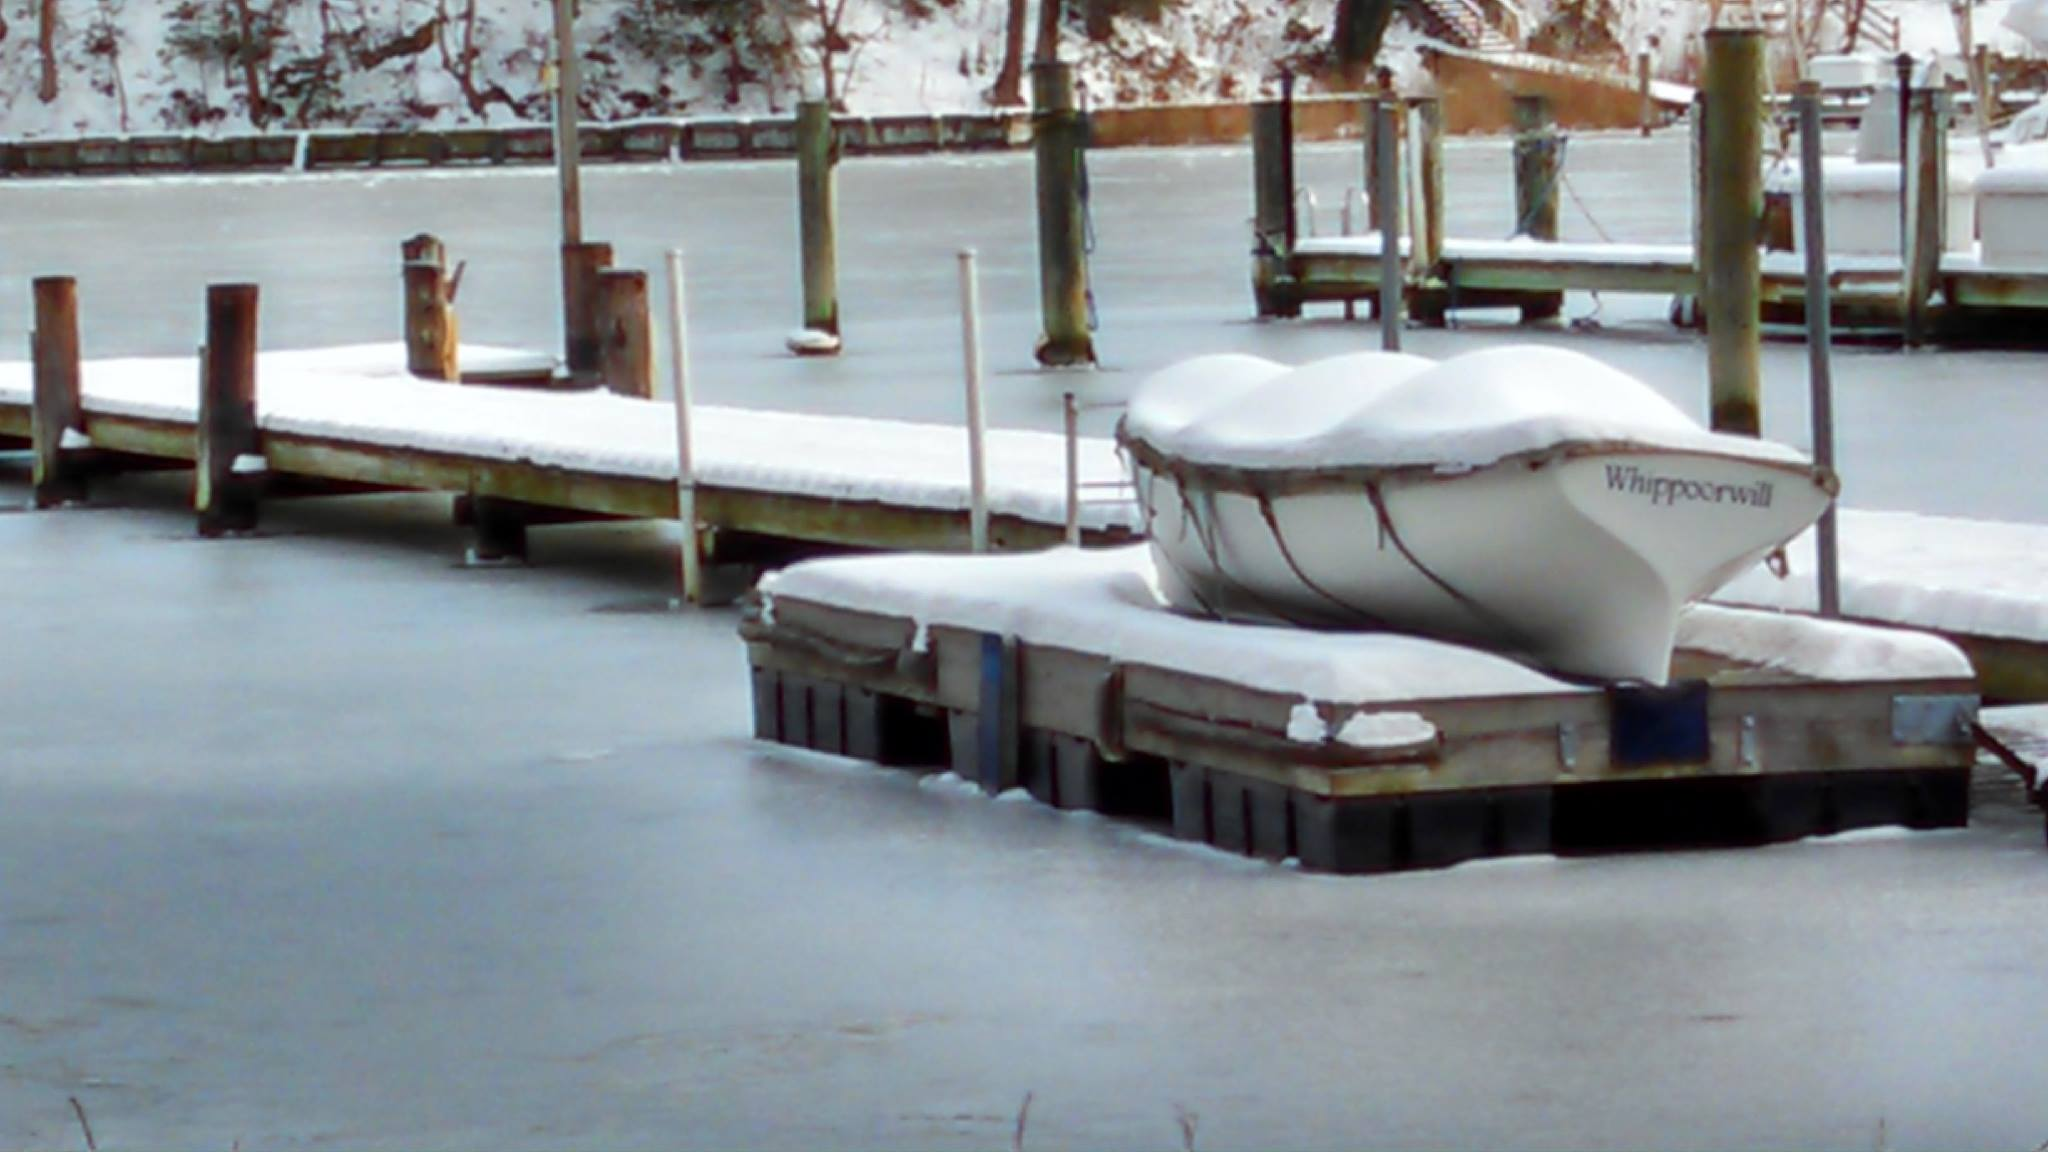 Whippoorwill on ice